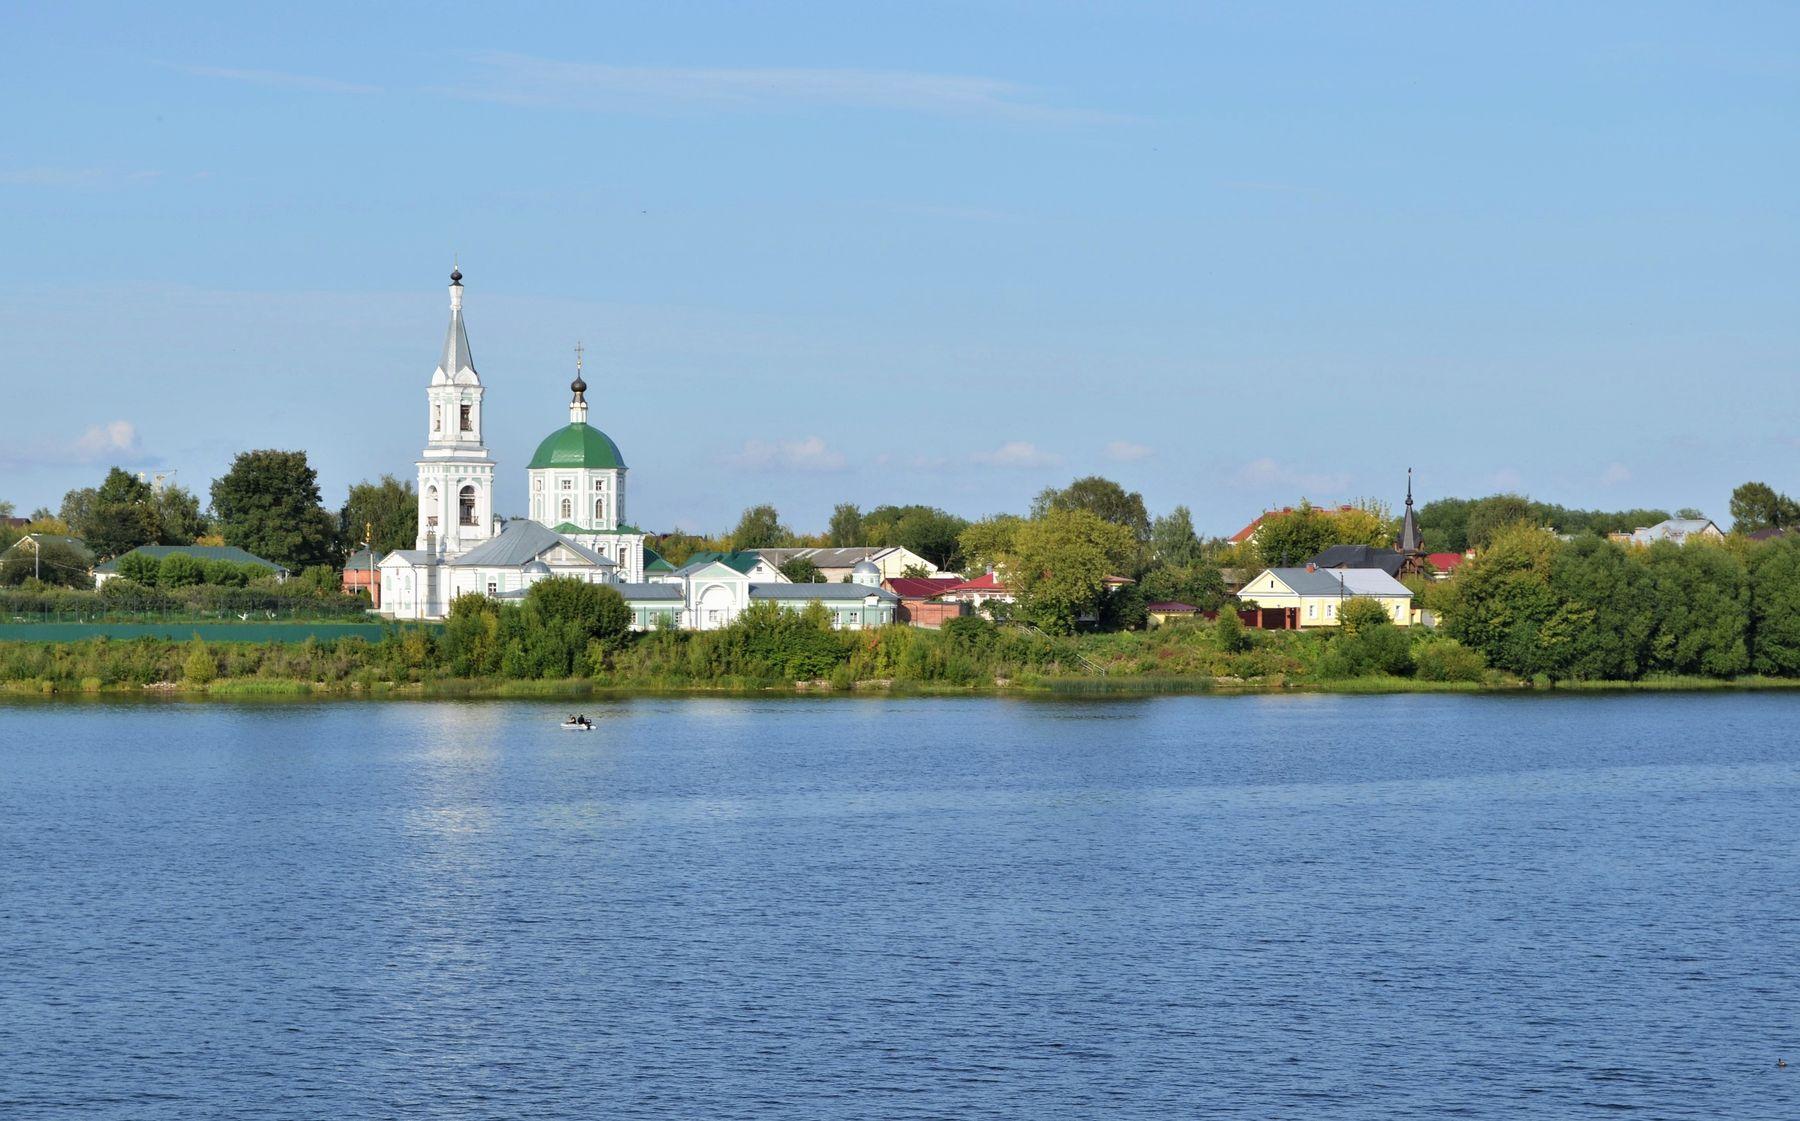 Тверь... Вид на Свято-Екатерининский монастырь.... Тверь город река Волга храм красота путешествие пейзаж